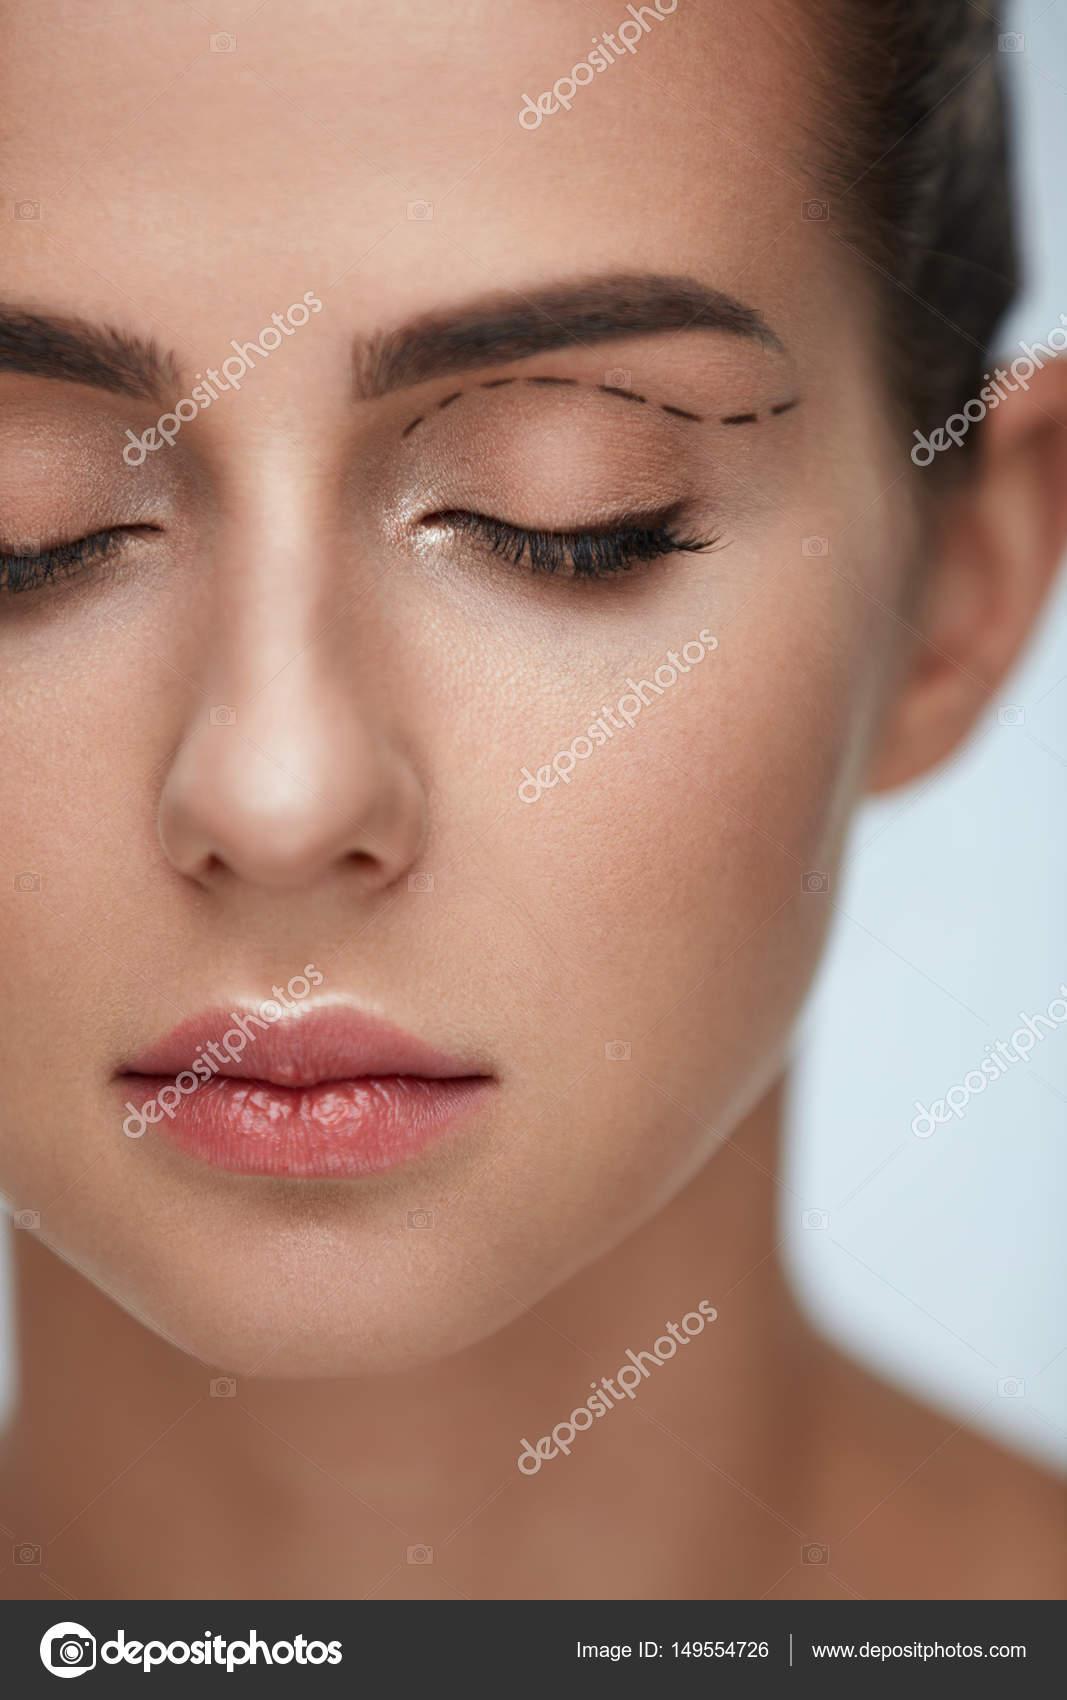 facial plastic scarsdale surgery